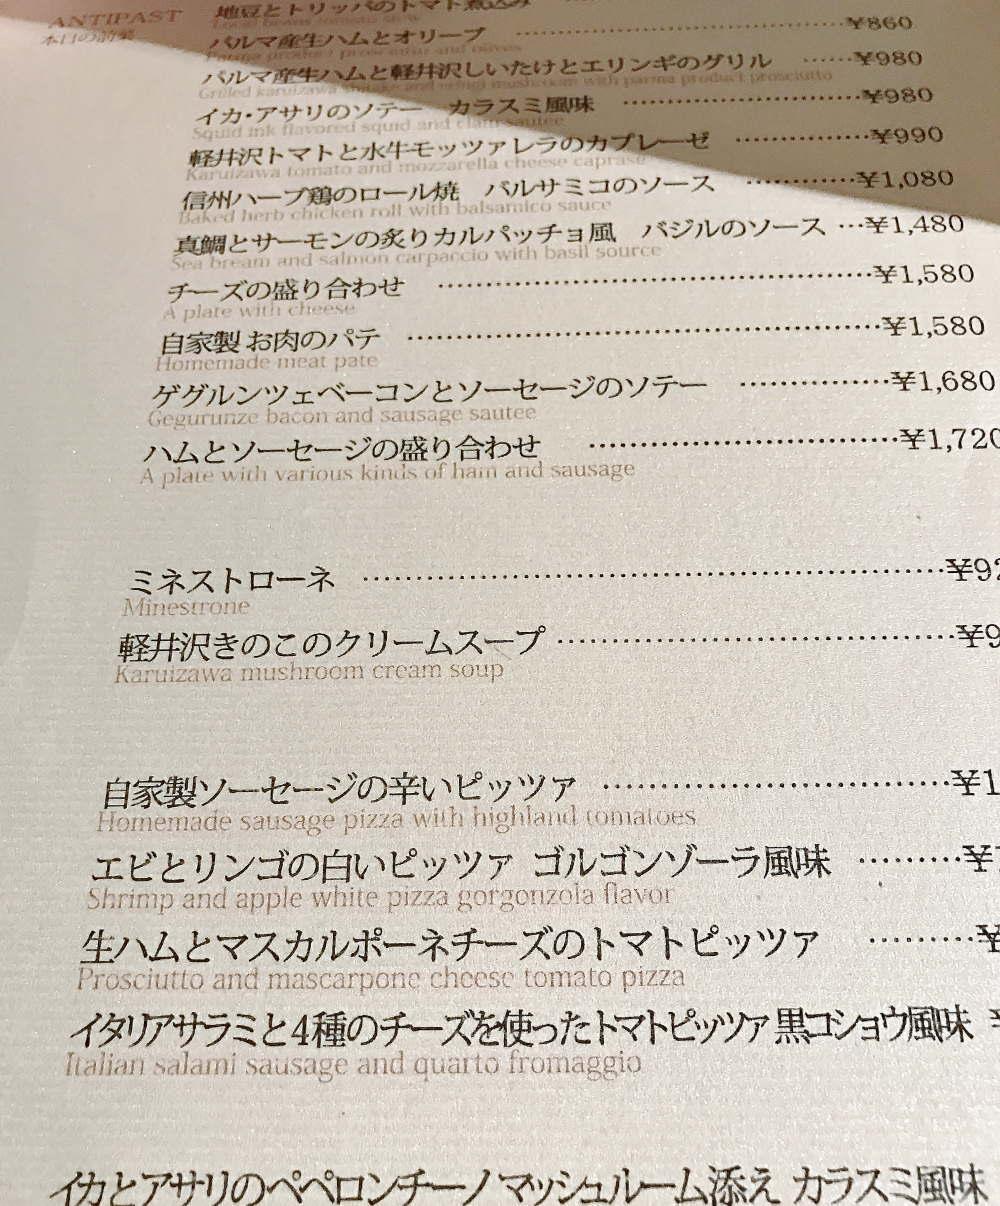 軽井沢イタリアン イルソーニョ メニュー